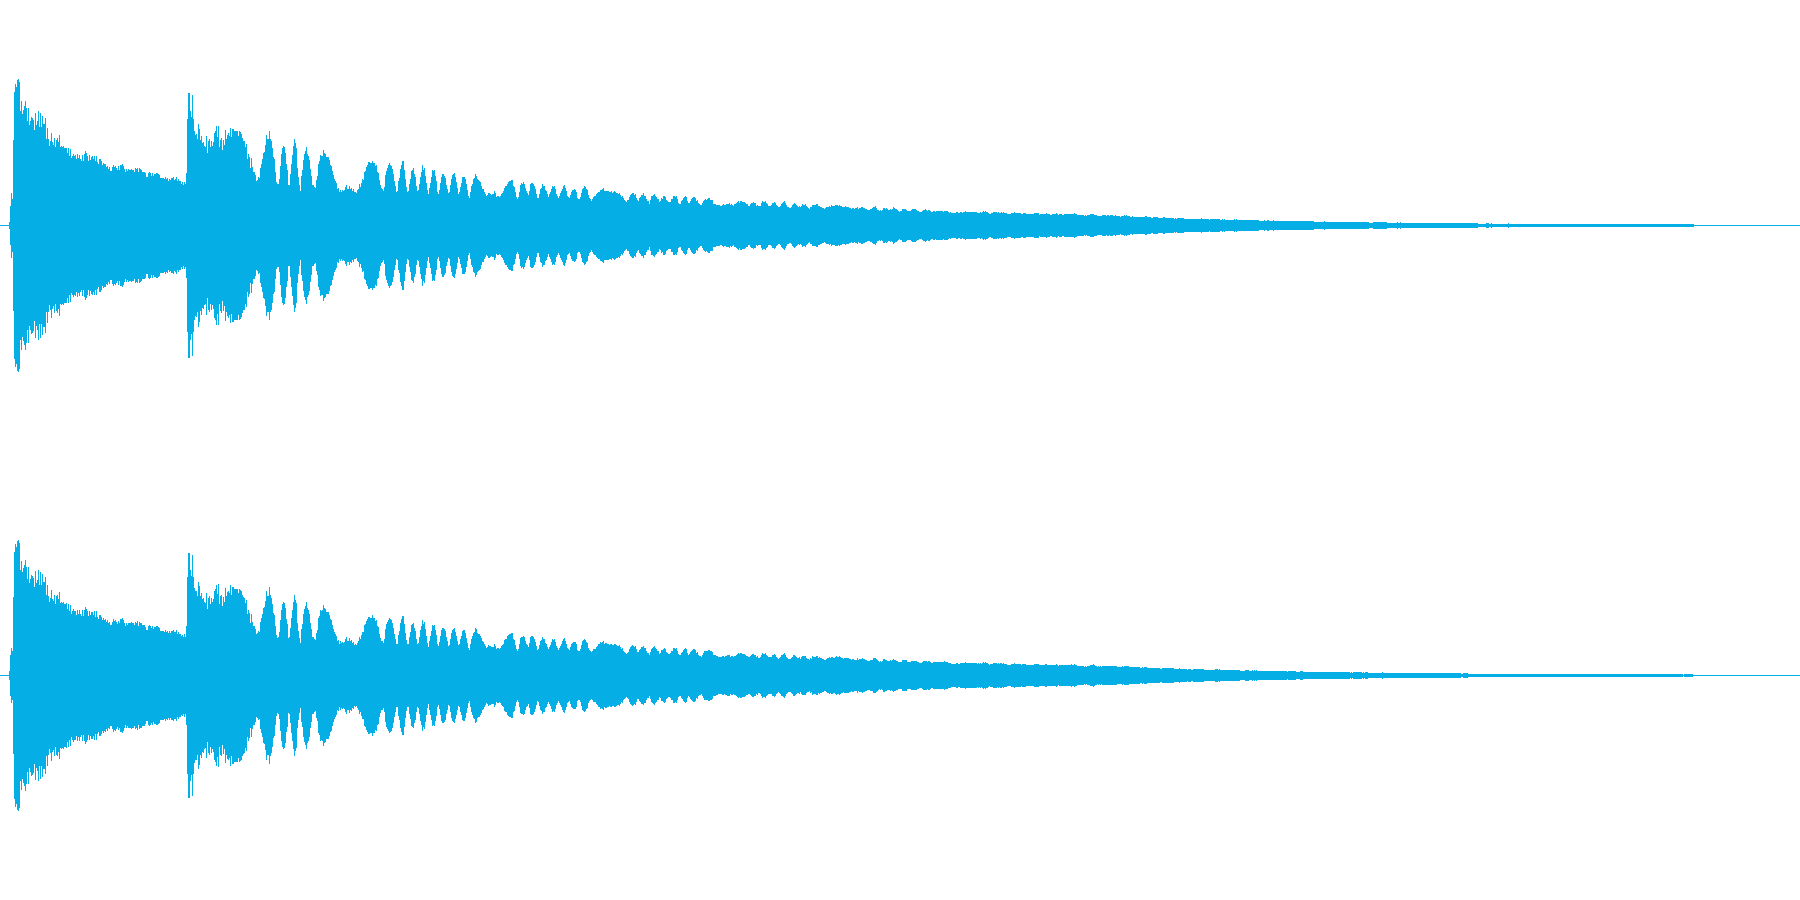 チリーンという風鈴の音の再生済みの波形